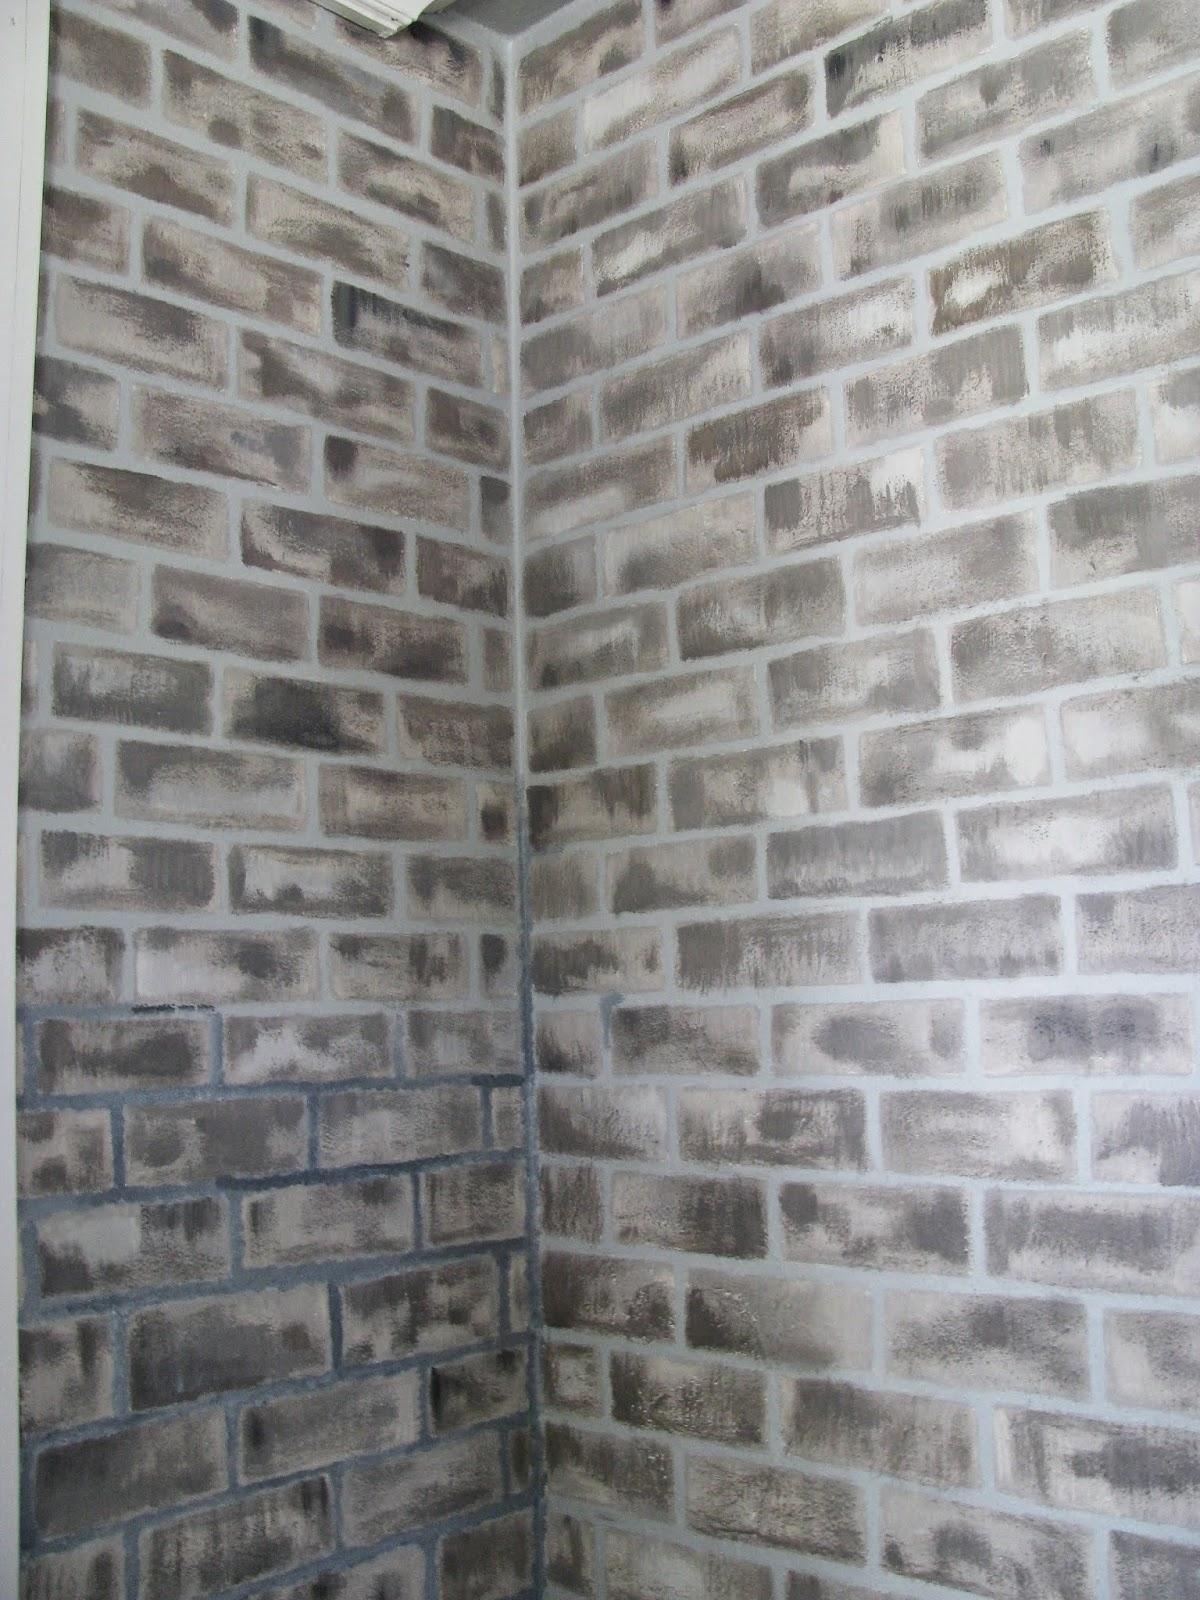 LmedK: Vegg til murstein